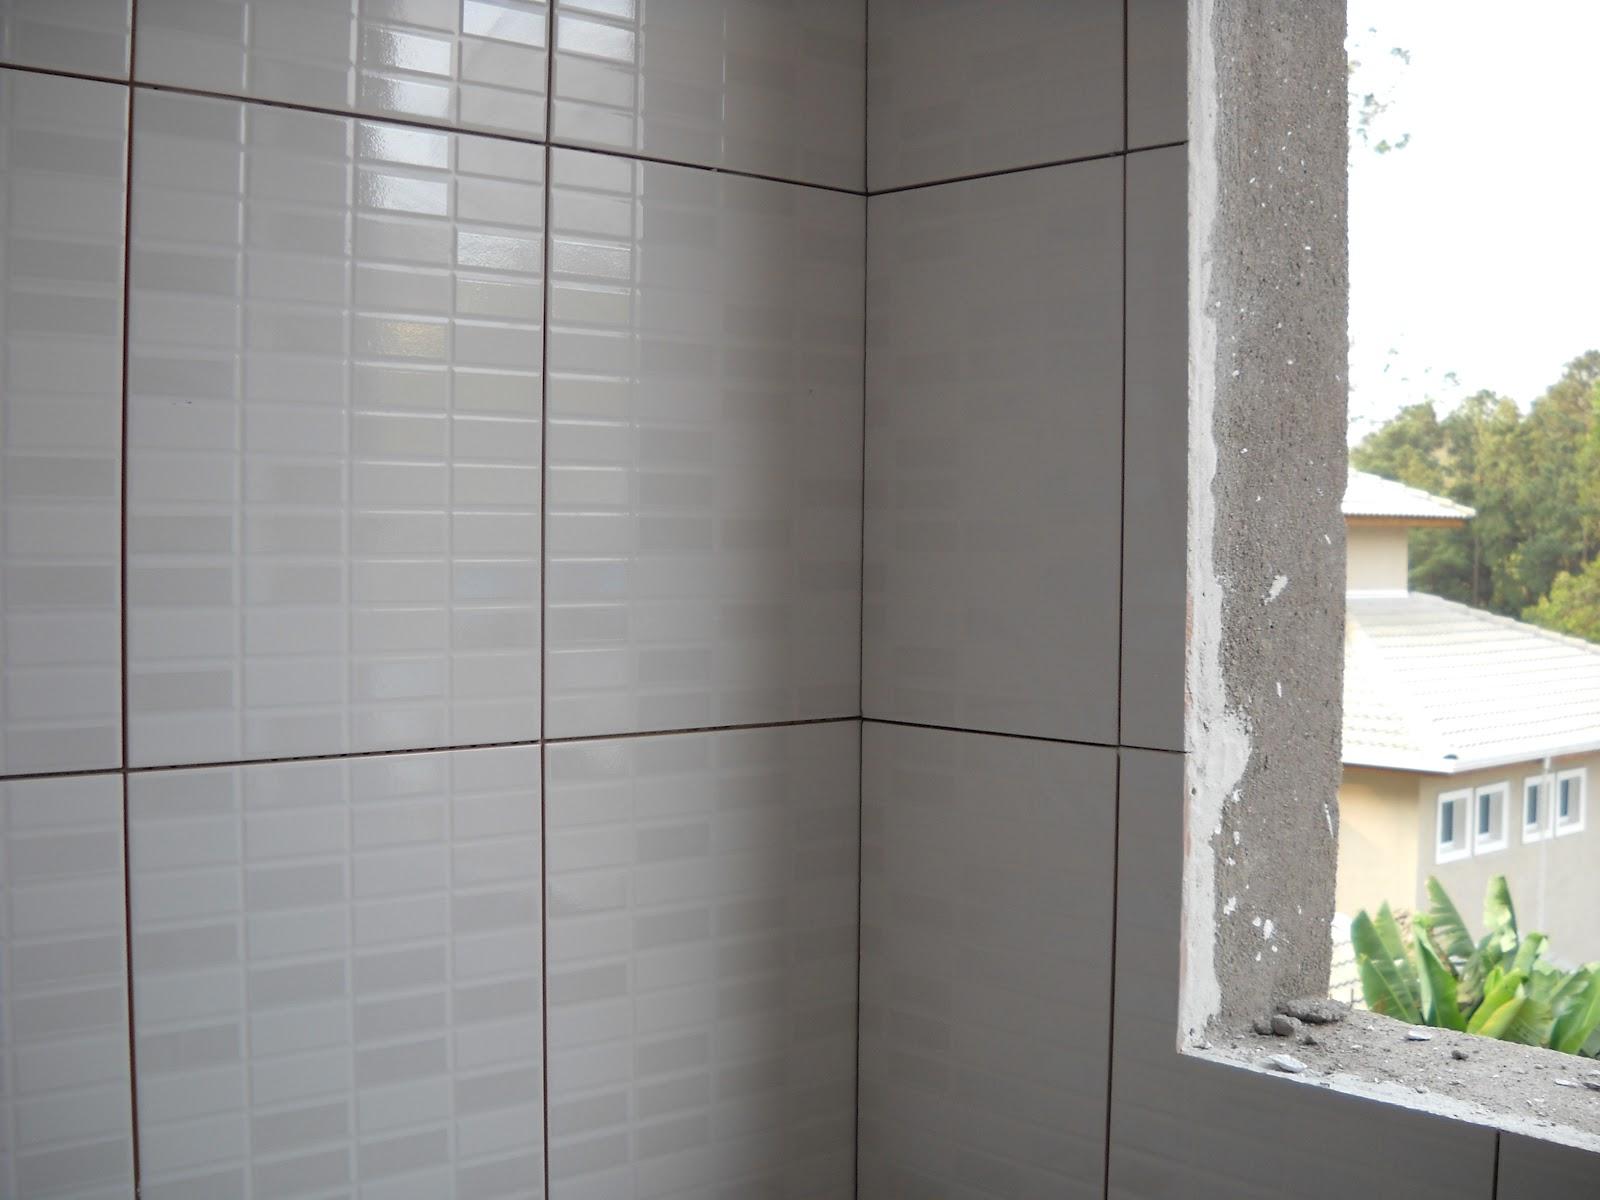 . Colocaremos azulejo somente na lavanderia despensa e nos banheiros  #697D4E 1600x1200 Banheiro Azulejo Pastilha